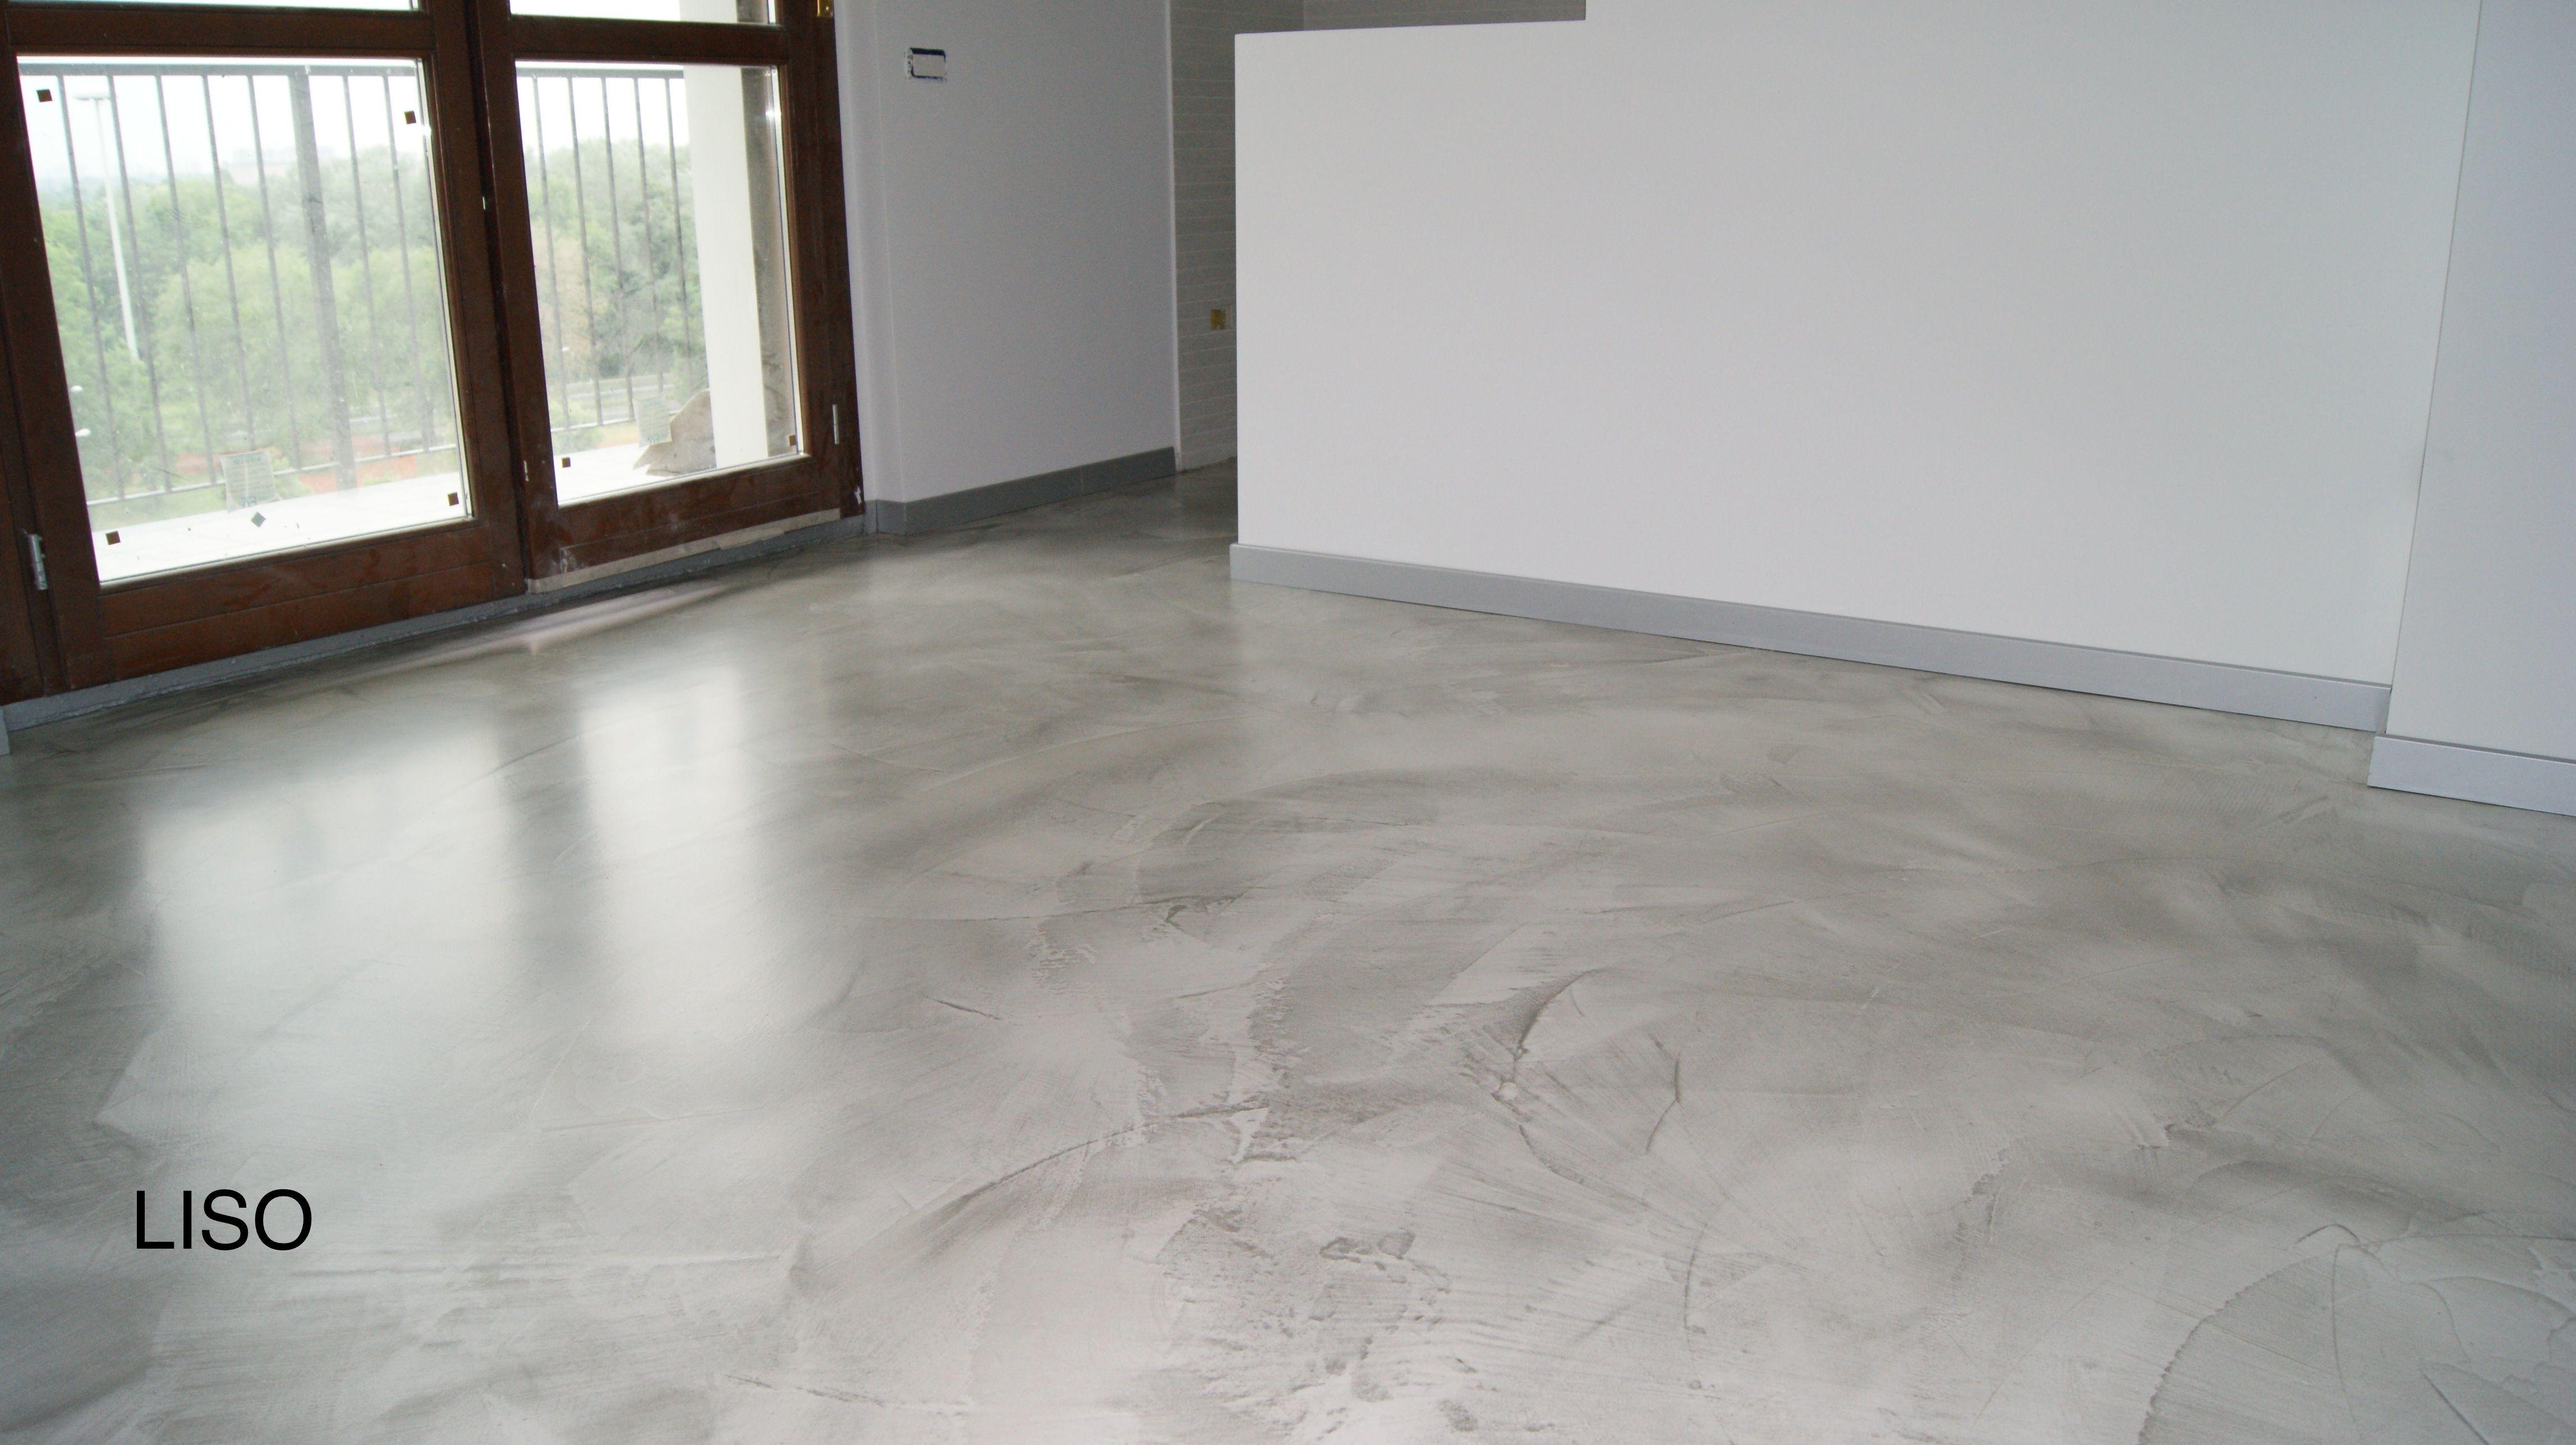 Pavimento In Resina Foto pavimento in resina | progetto di appartamento, idee per